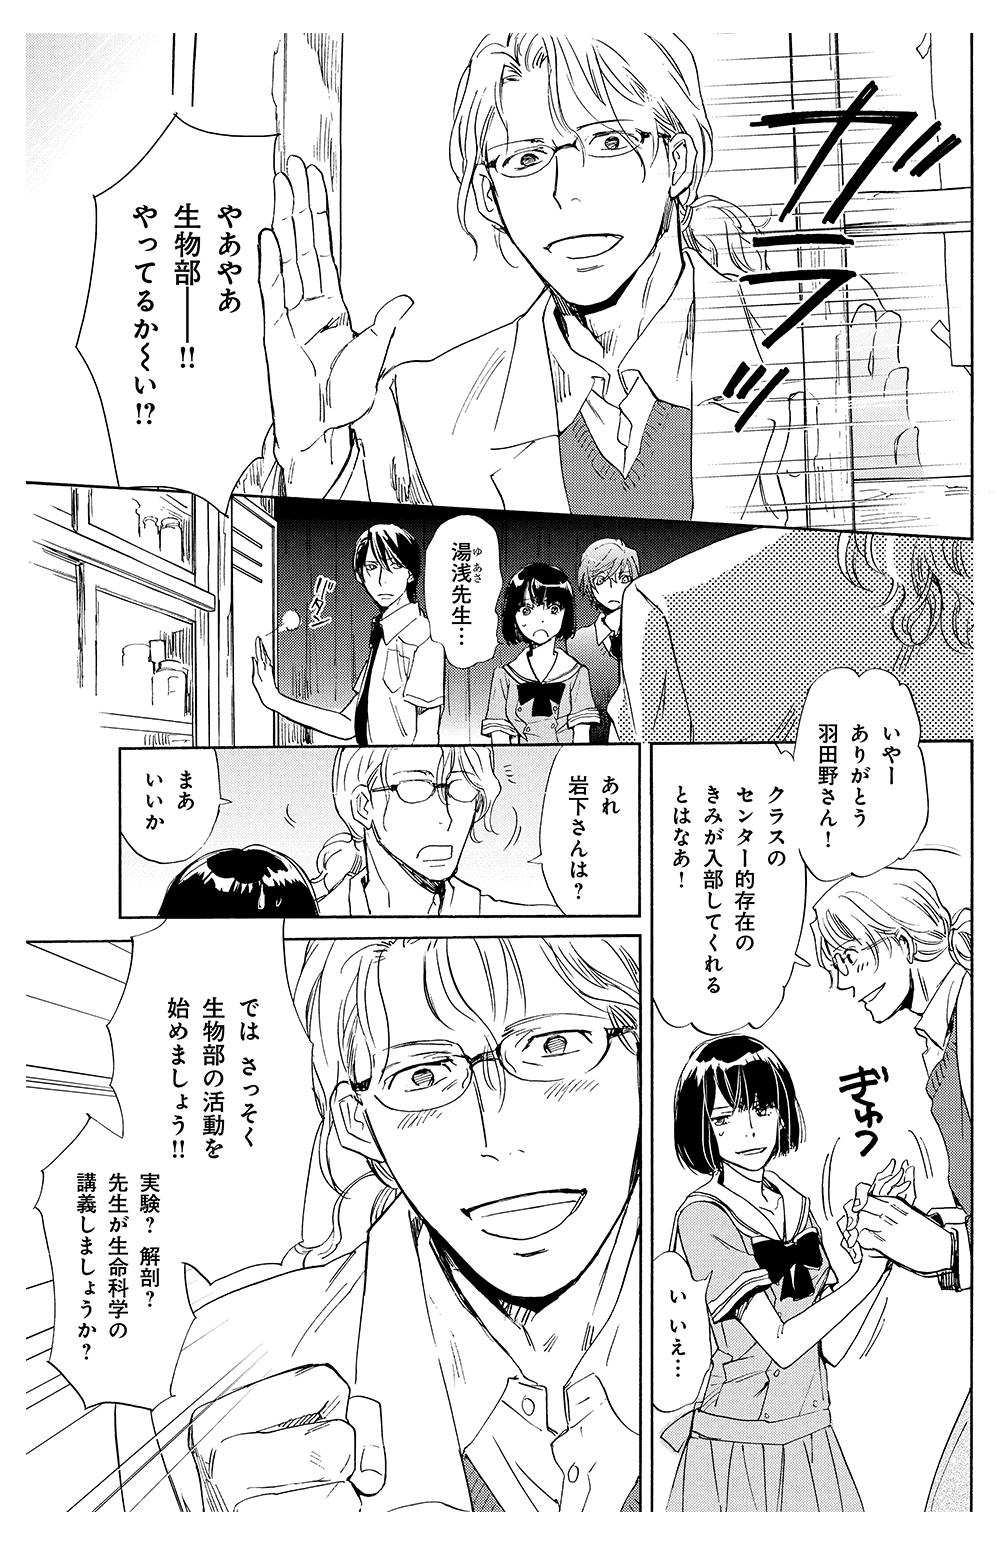 少女ゴーレムと理科室の変人たち 第2話①golem03-11.jpg